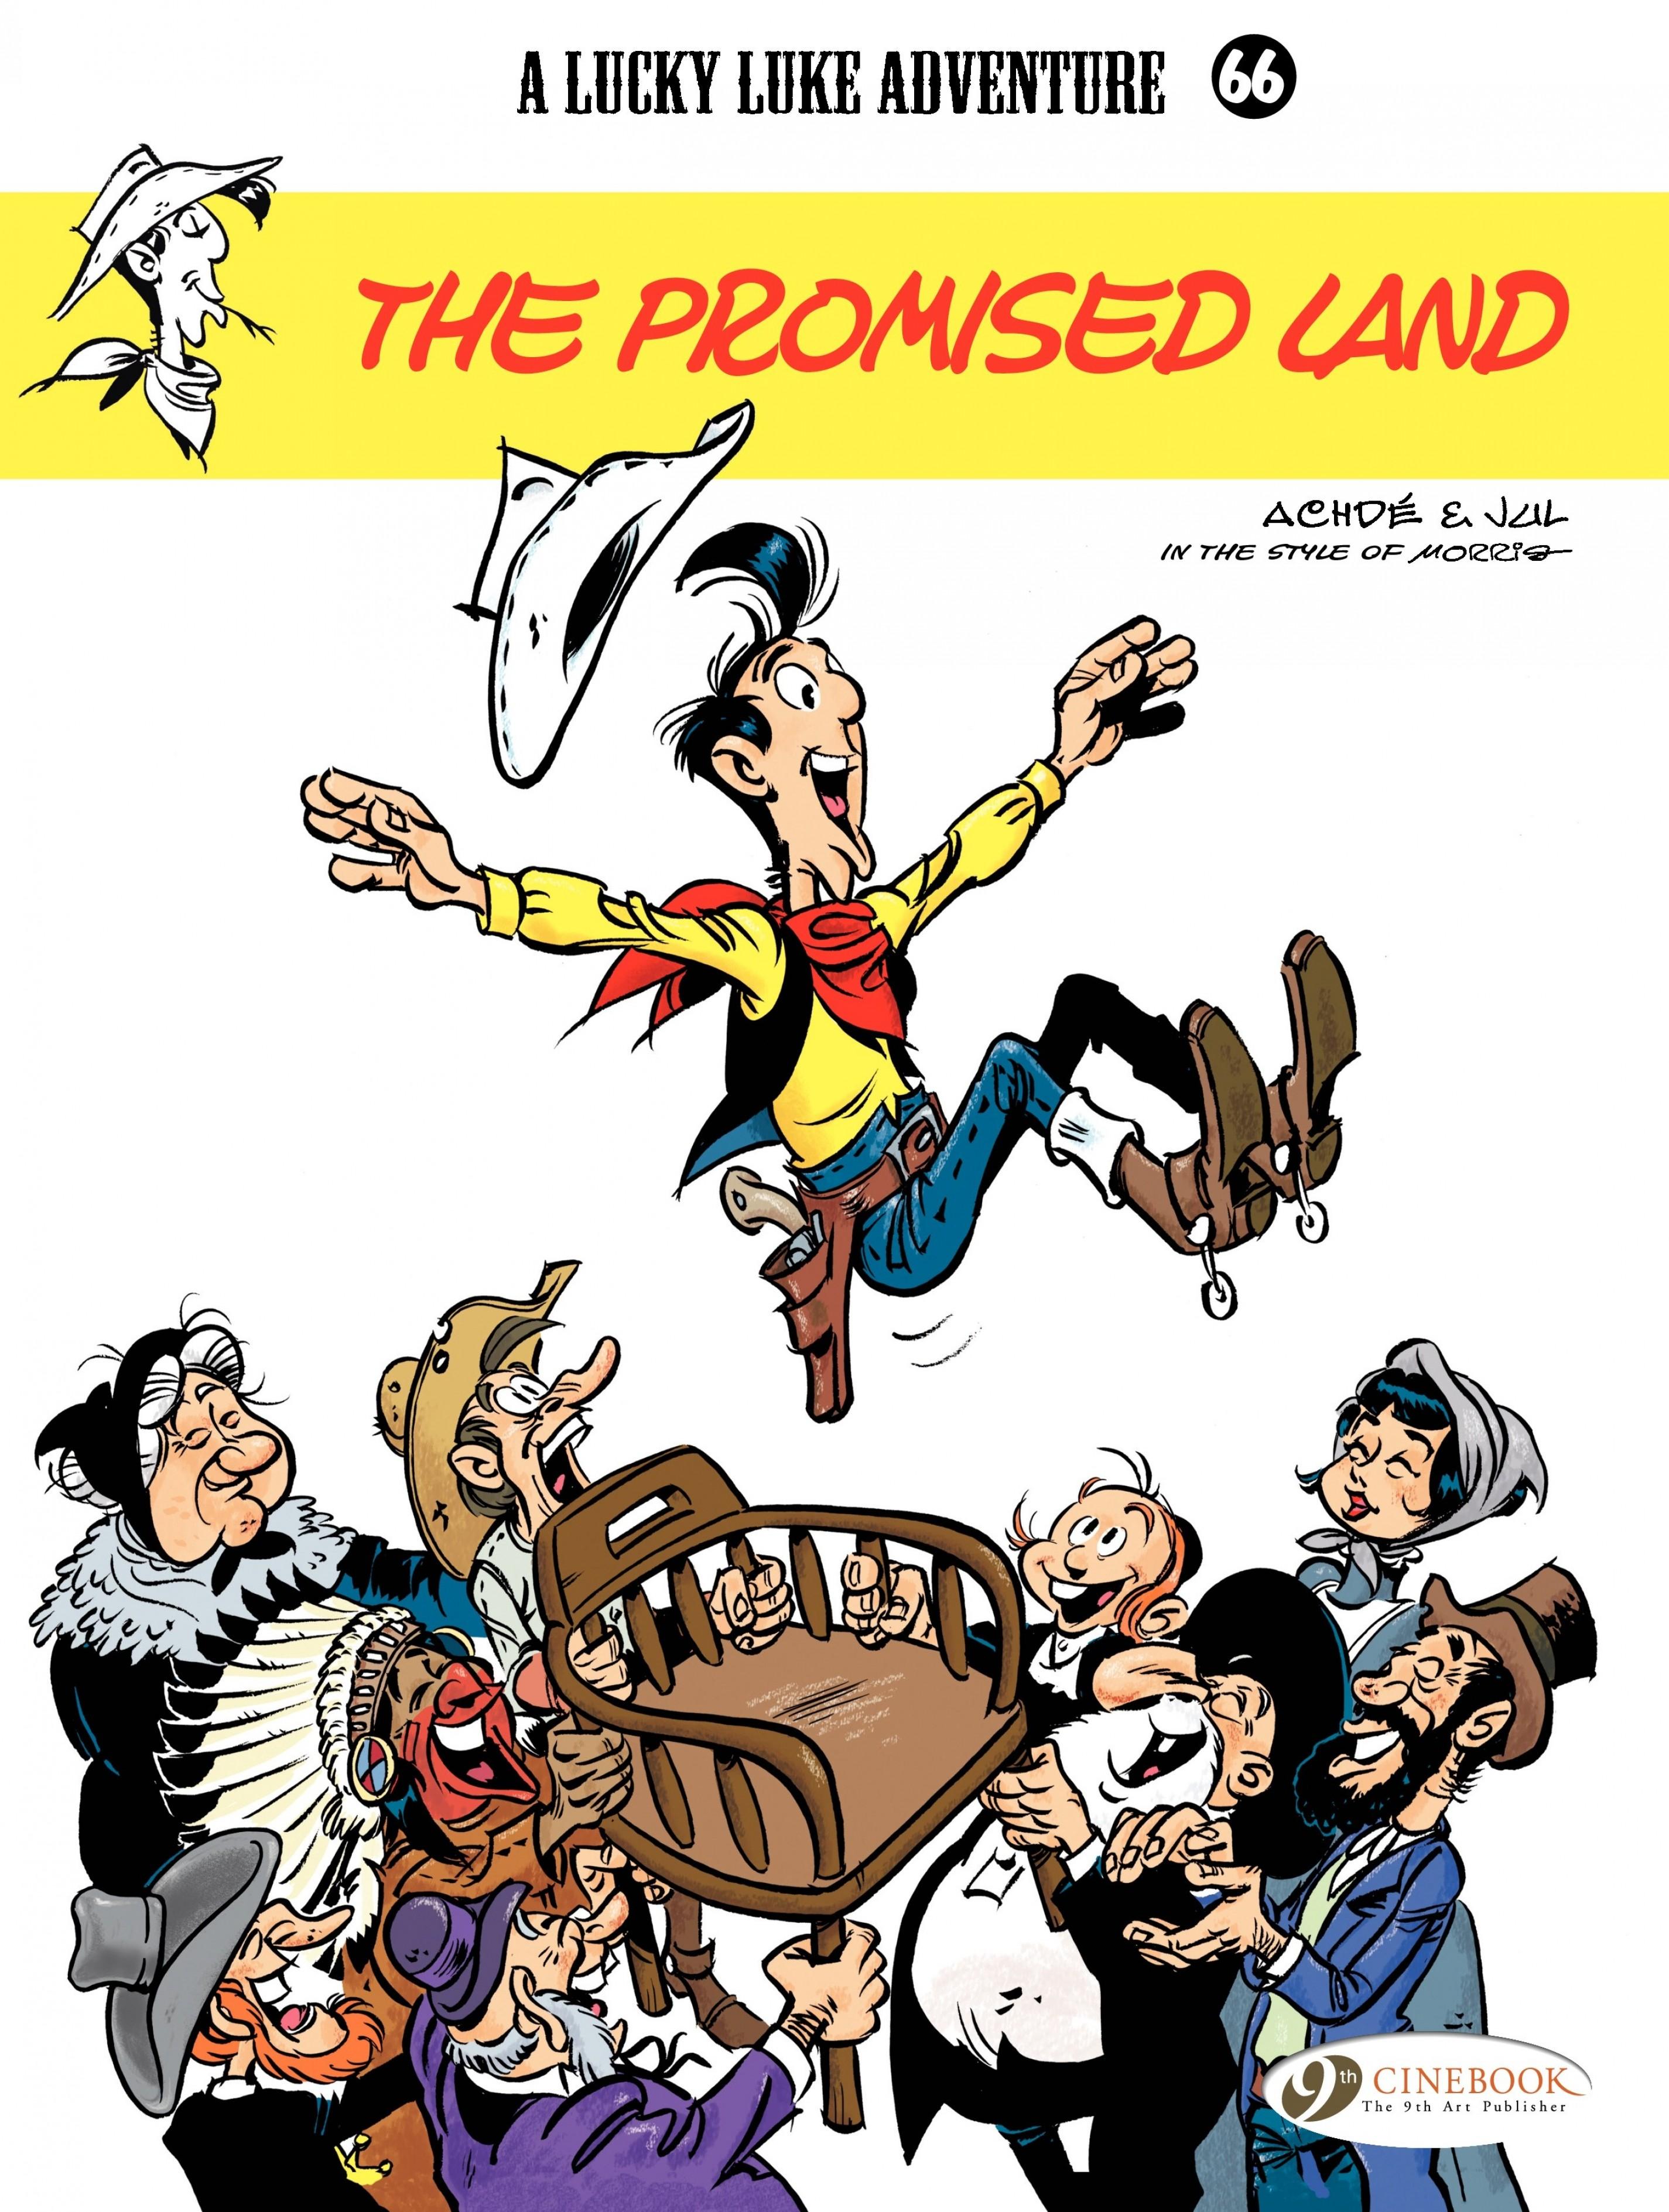 Vignette du livre Lucky Luke (english version) - Tome 66 - The Promised Land